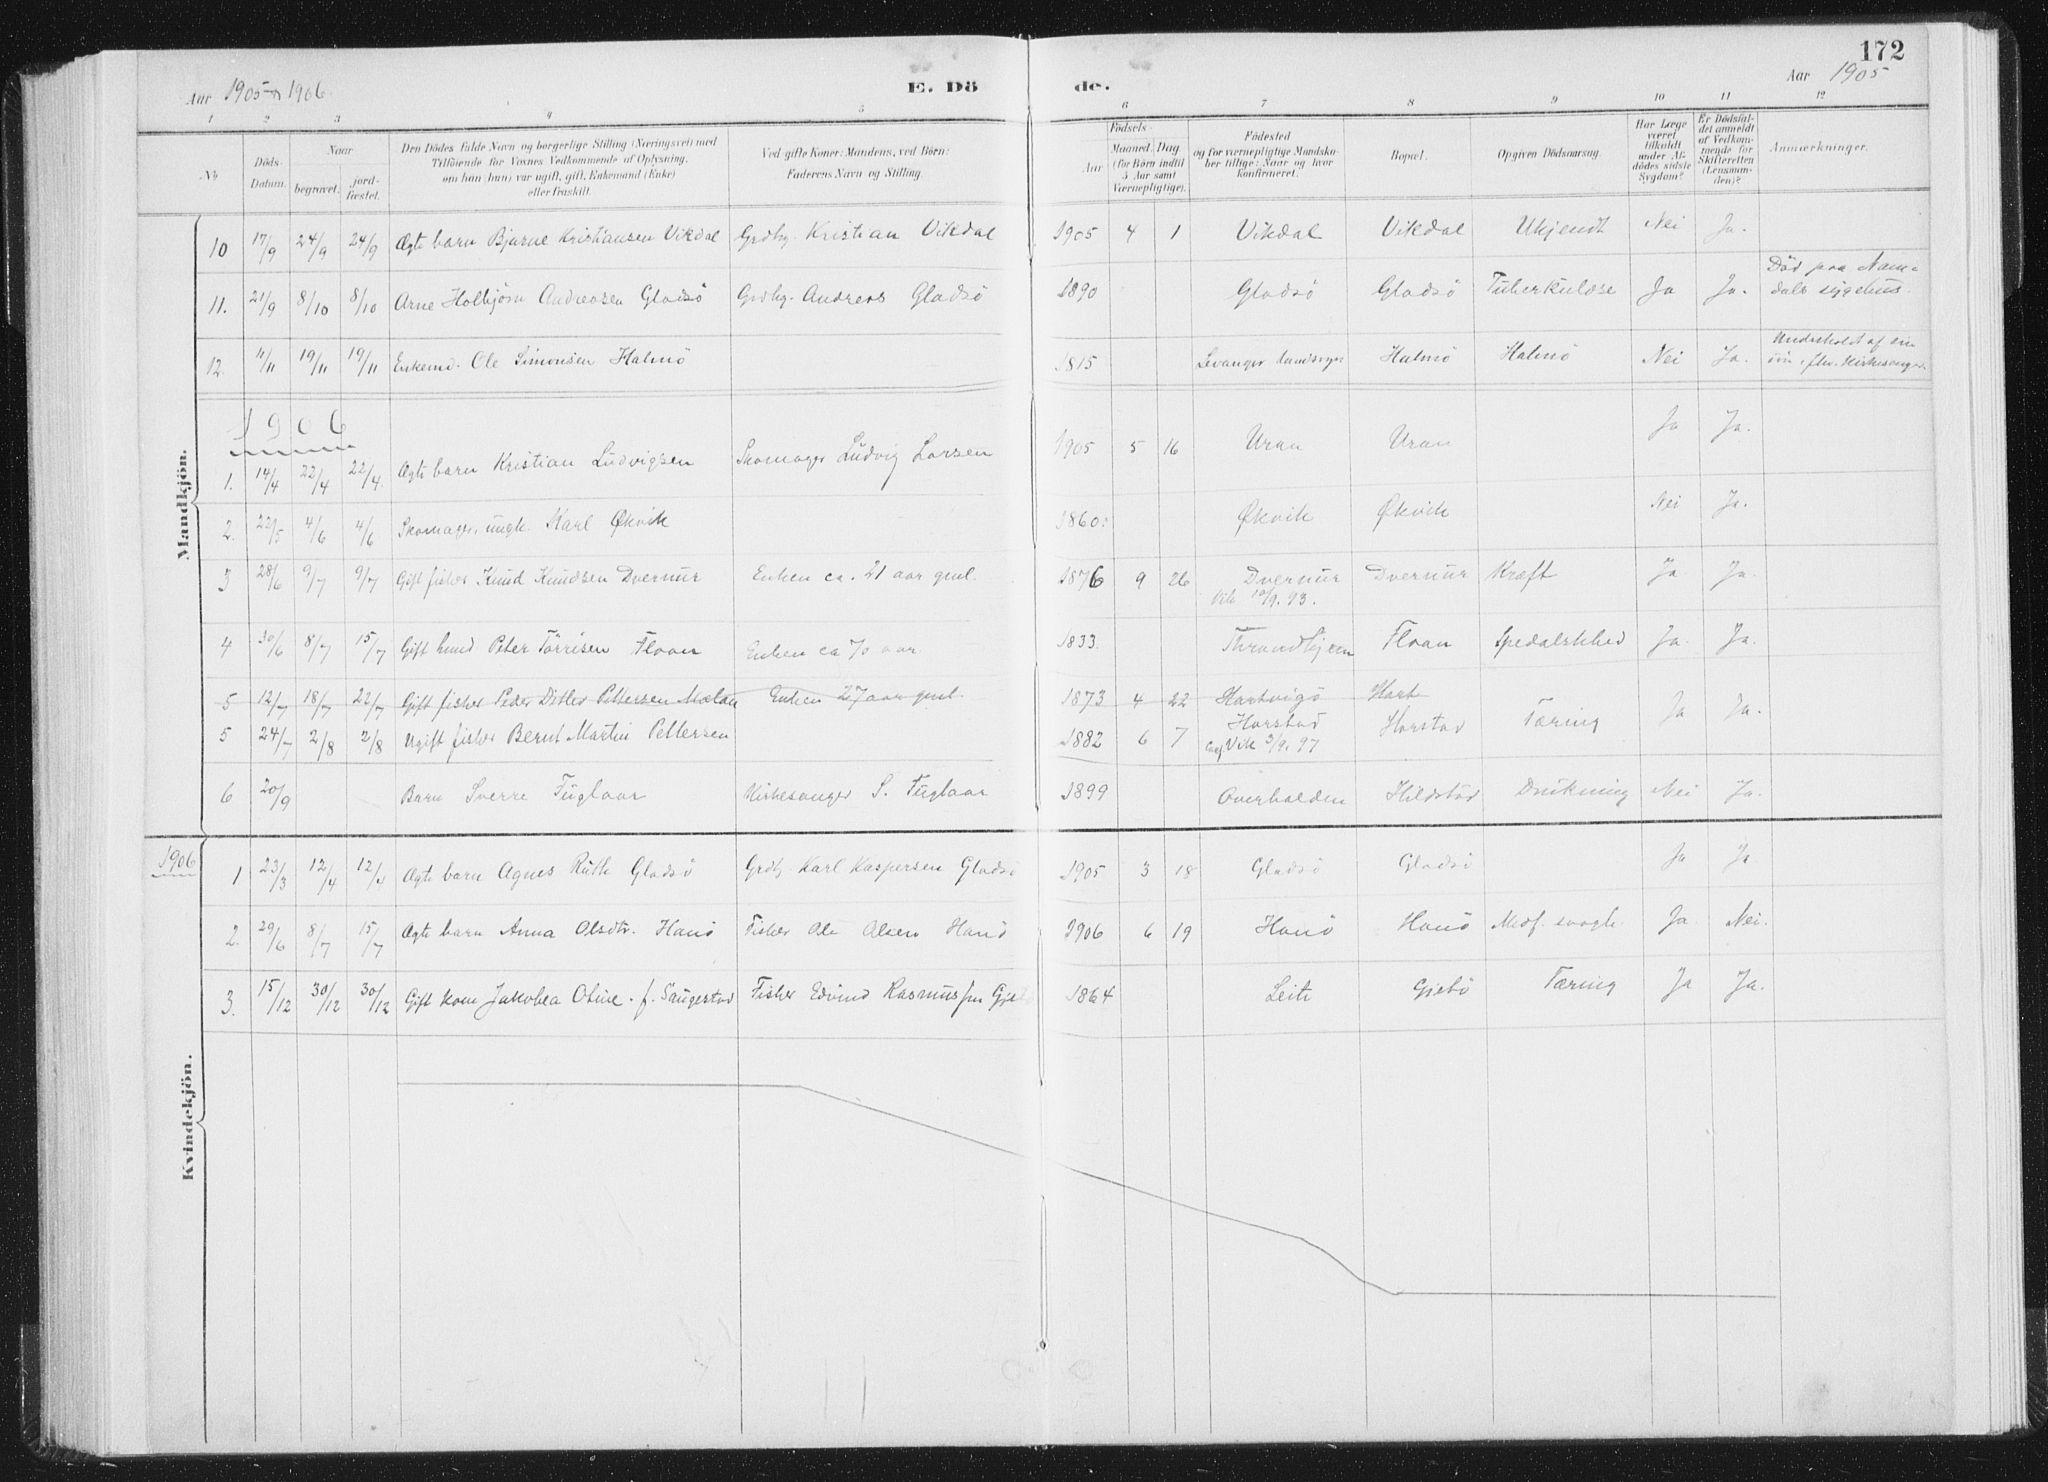 SAT, Ministerialprotokoller, klokkerbøker og fødselsregistre - Nord-Trøndelag, 771/L0597: Ministerialbok nr. 771A04, 1885-1910, s. 172